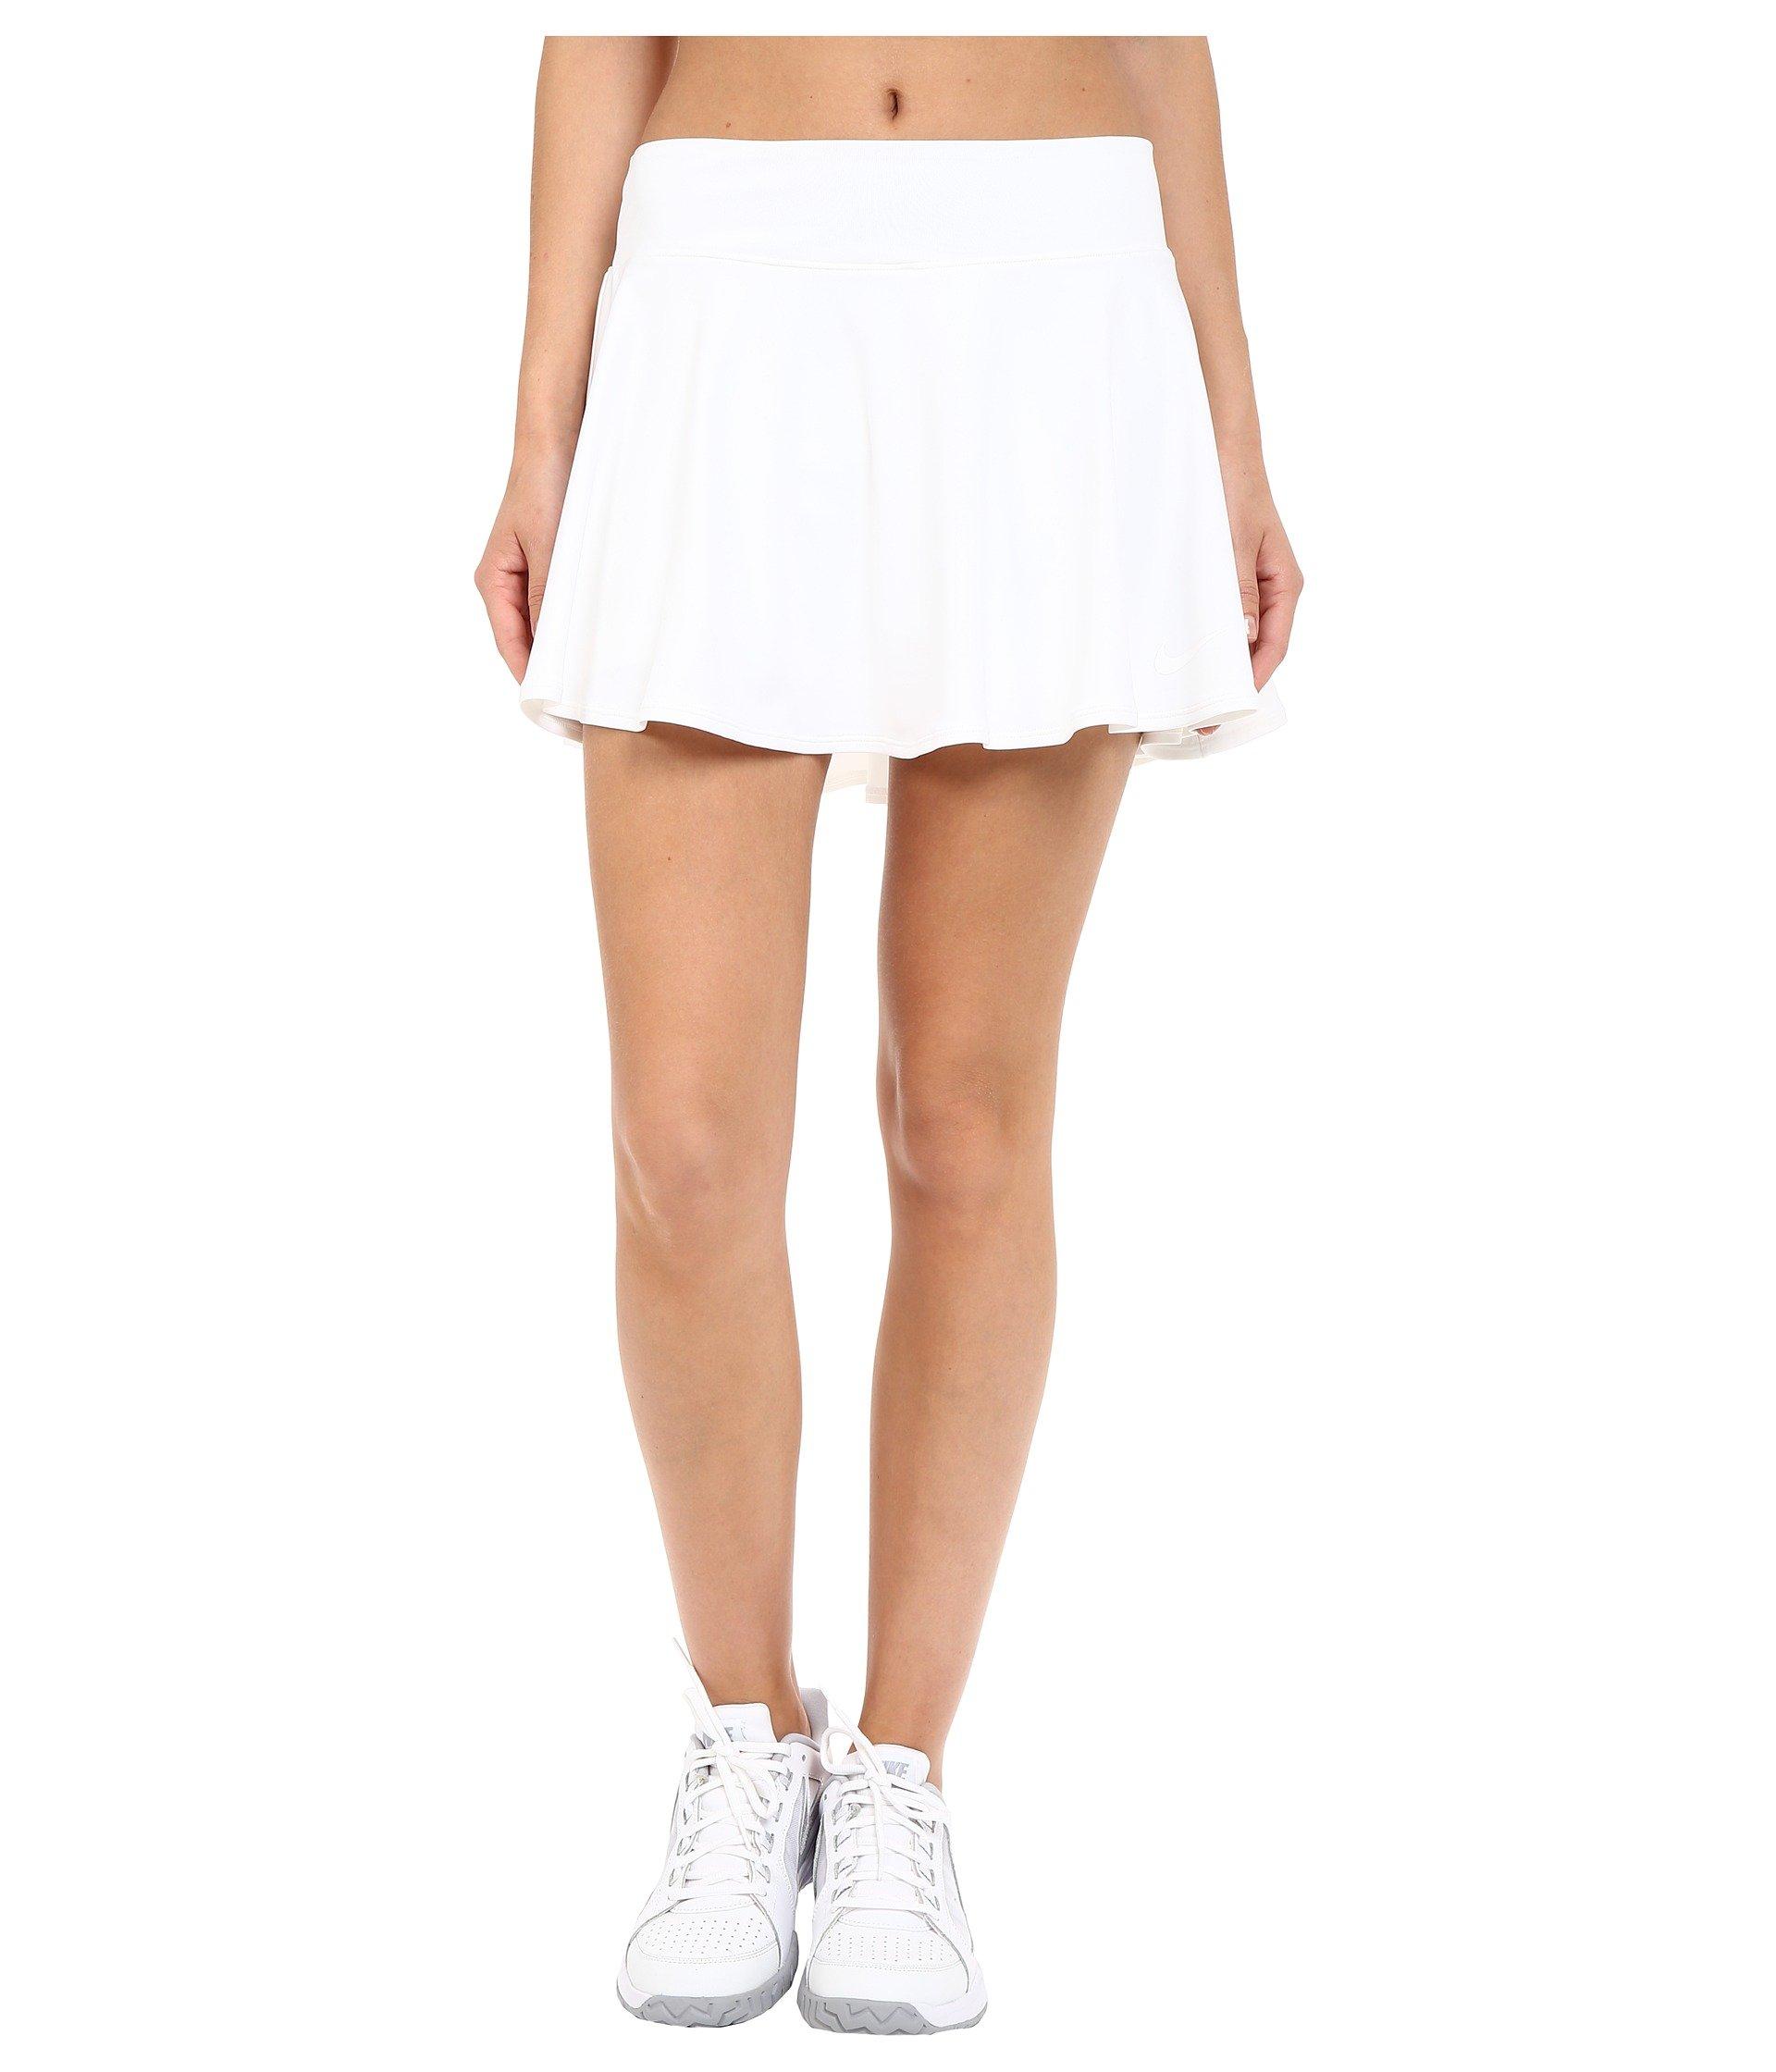 Nike Women's Court Baseline Tennis Skirt, White, LG